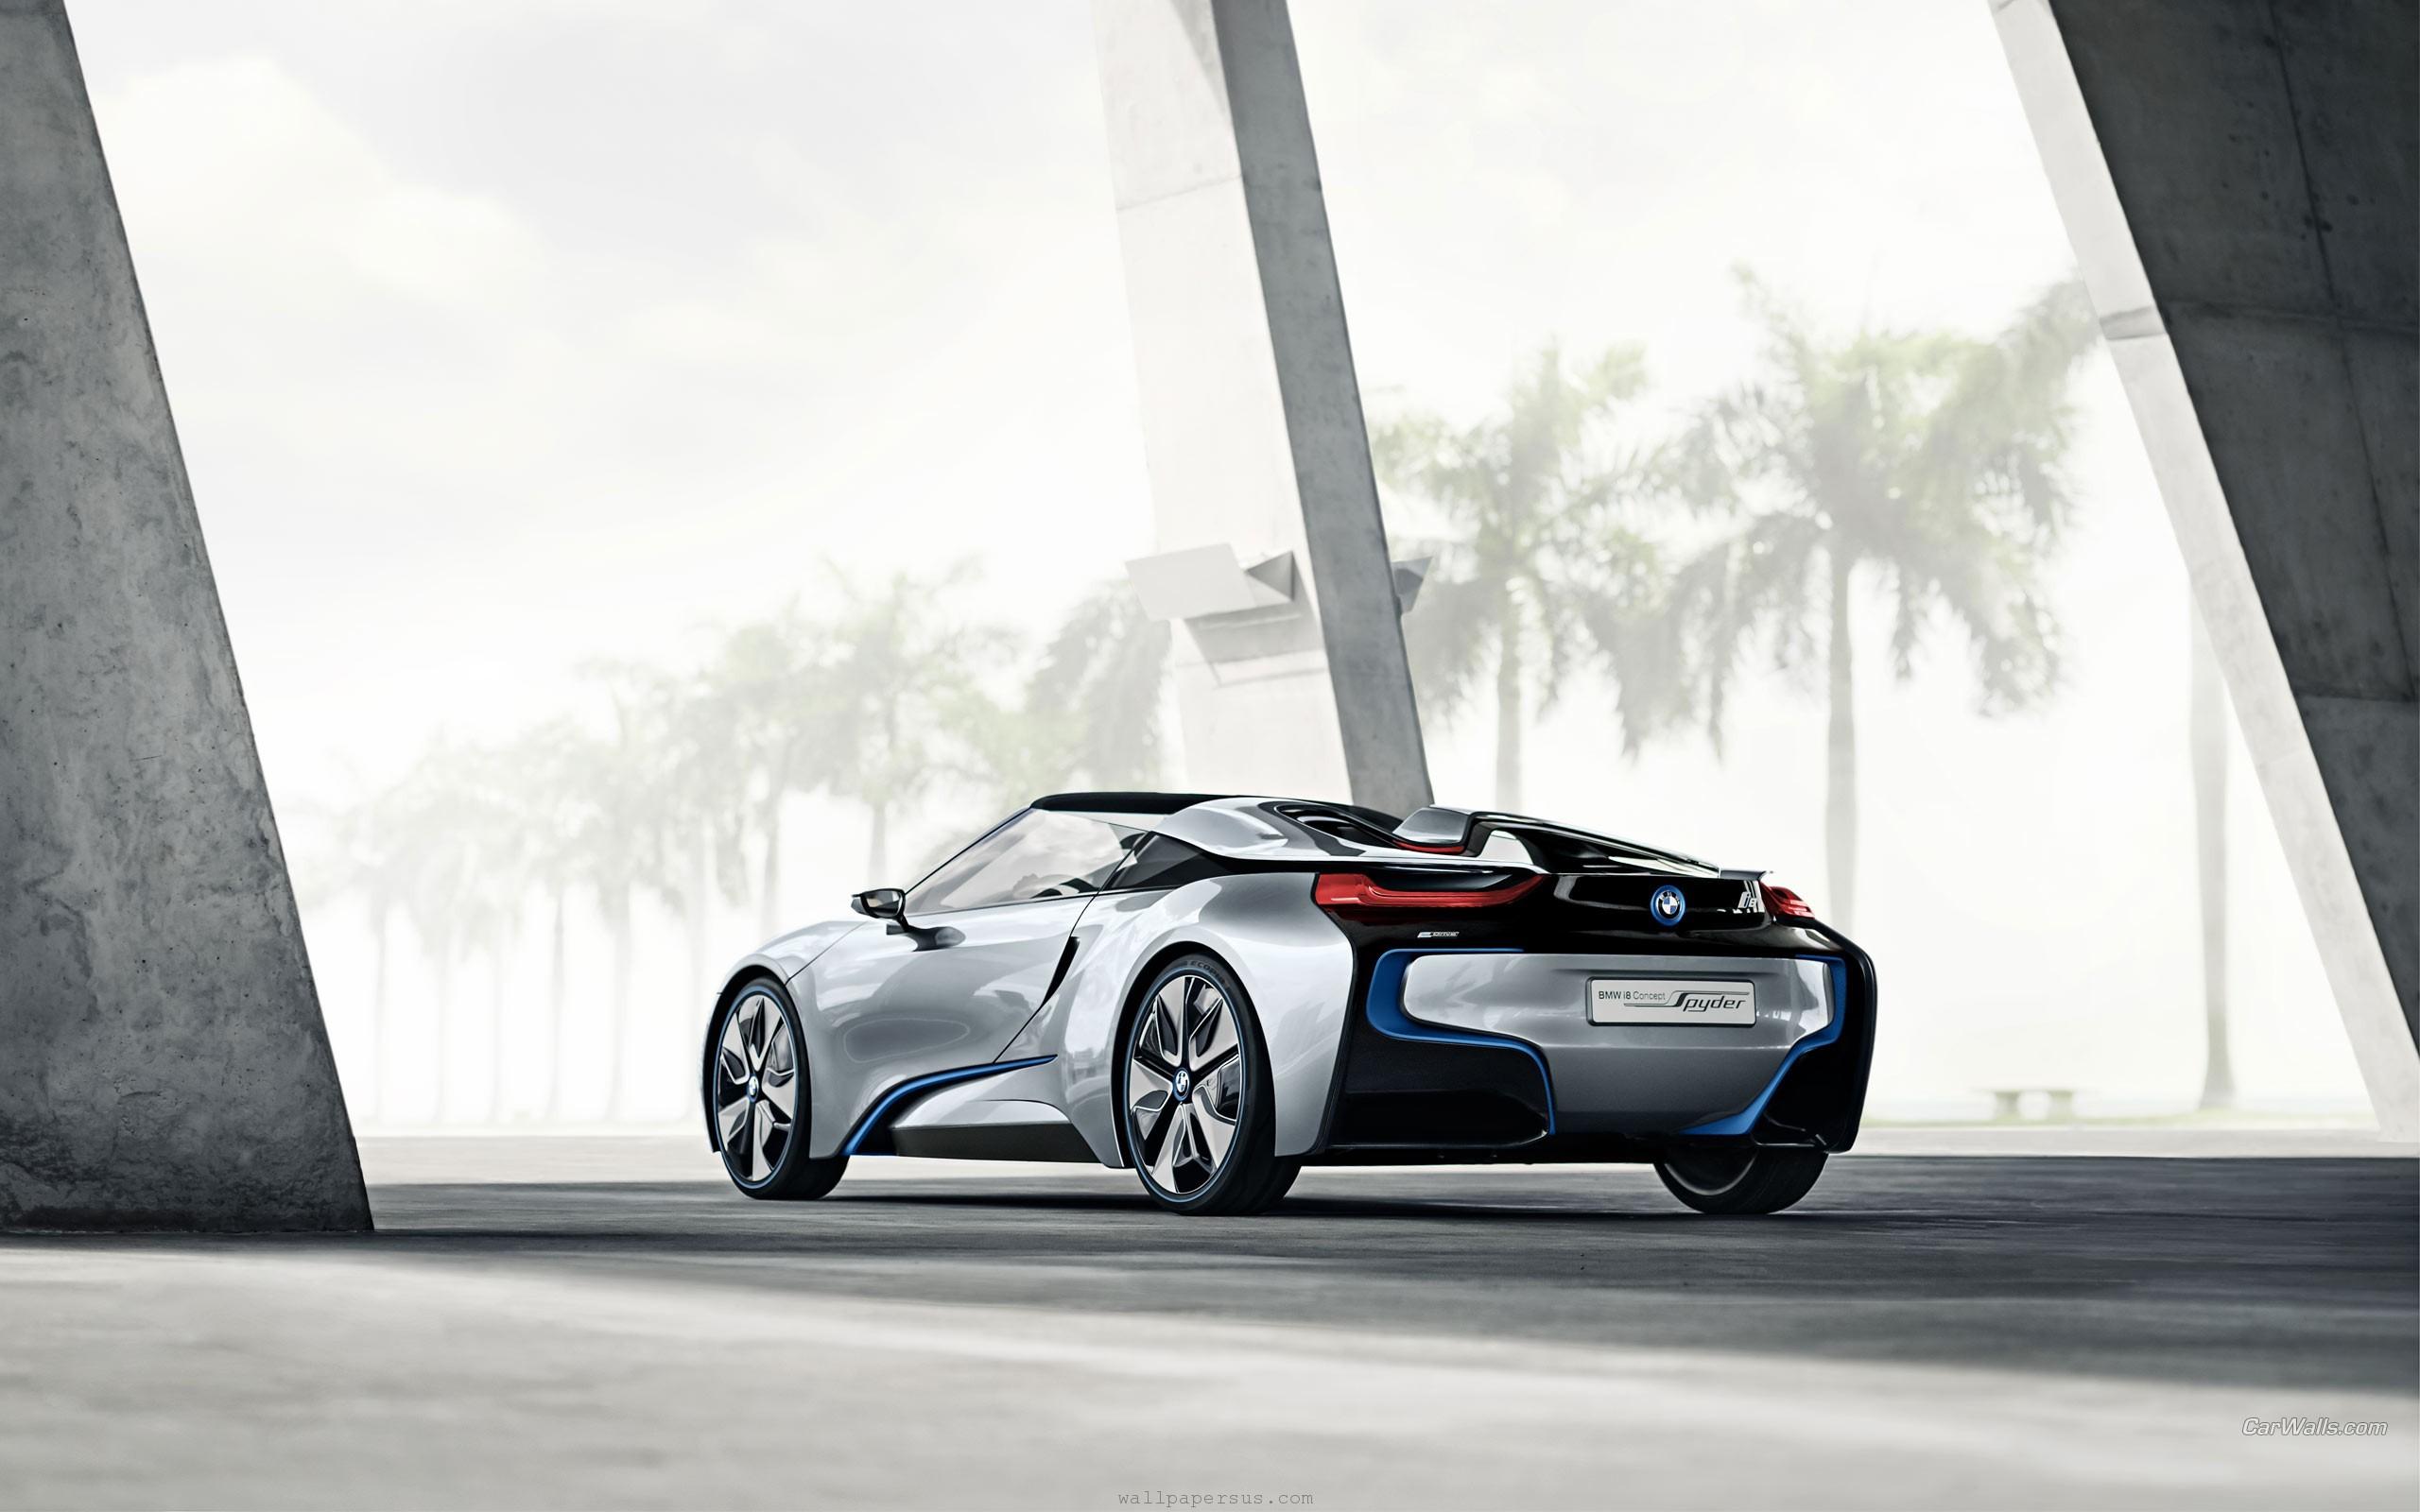 BMW i8 Widescreen Wallpaper